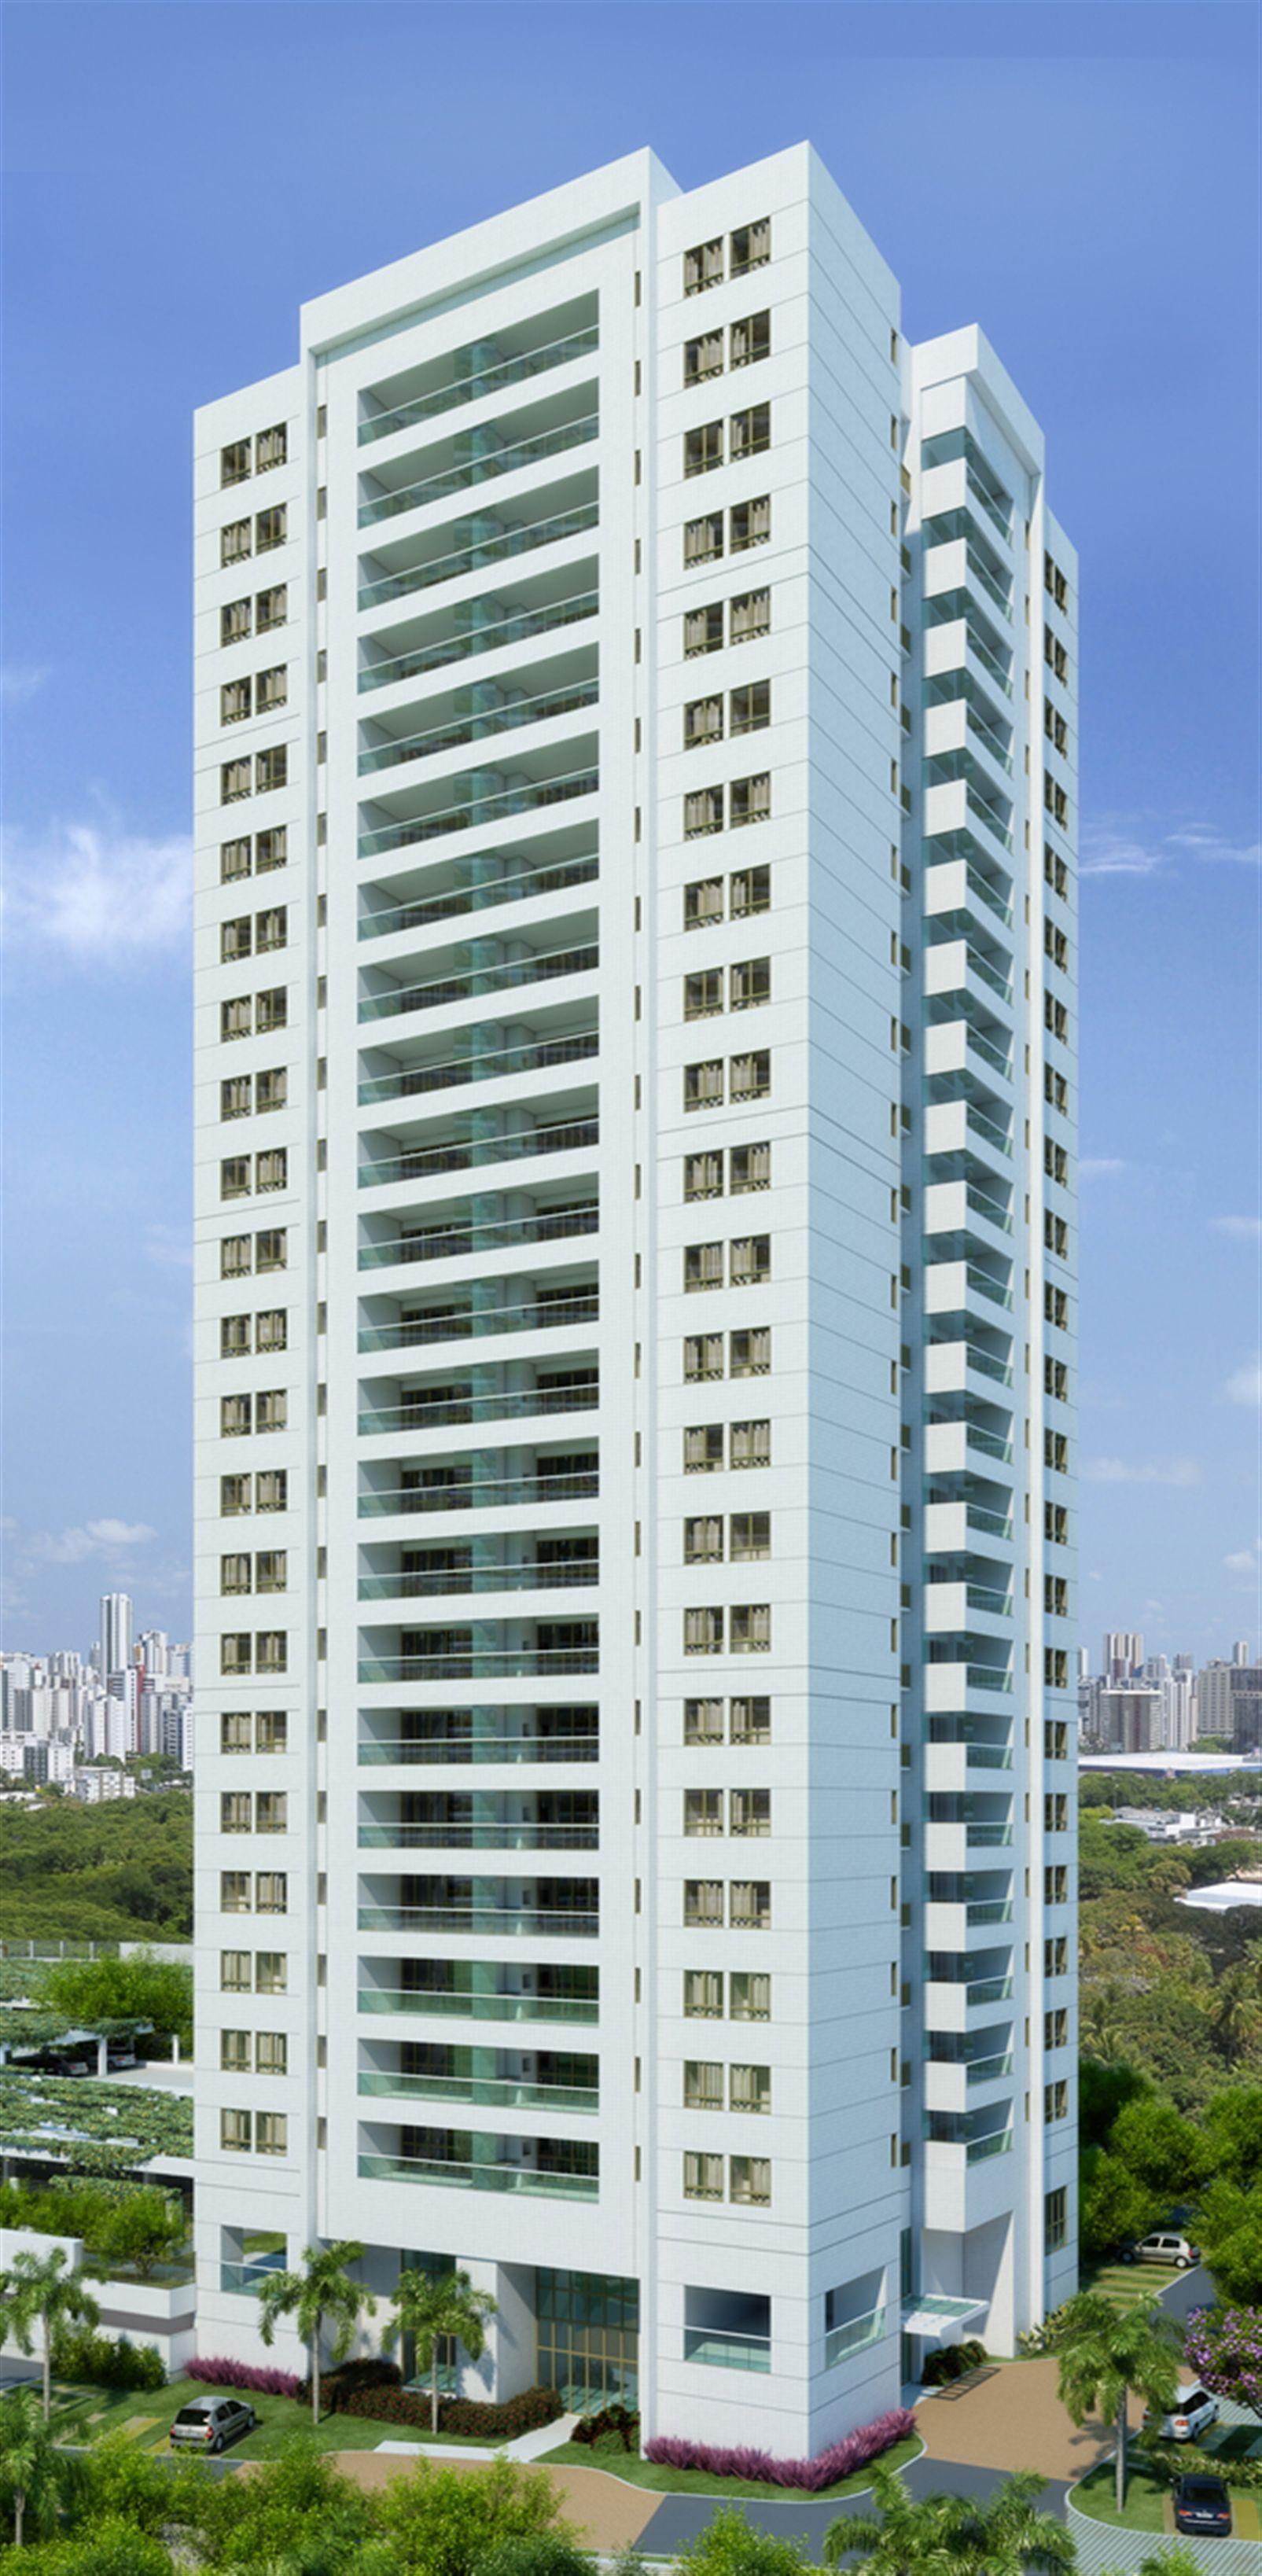 | Le Parc Boa Viagem - Apartamento em Boa Viagem - Recife - Pernambuco